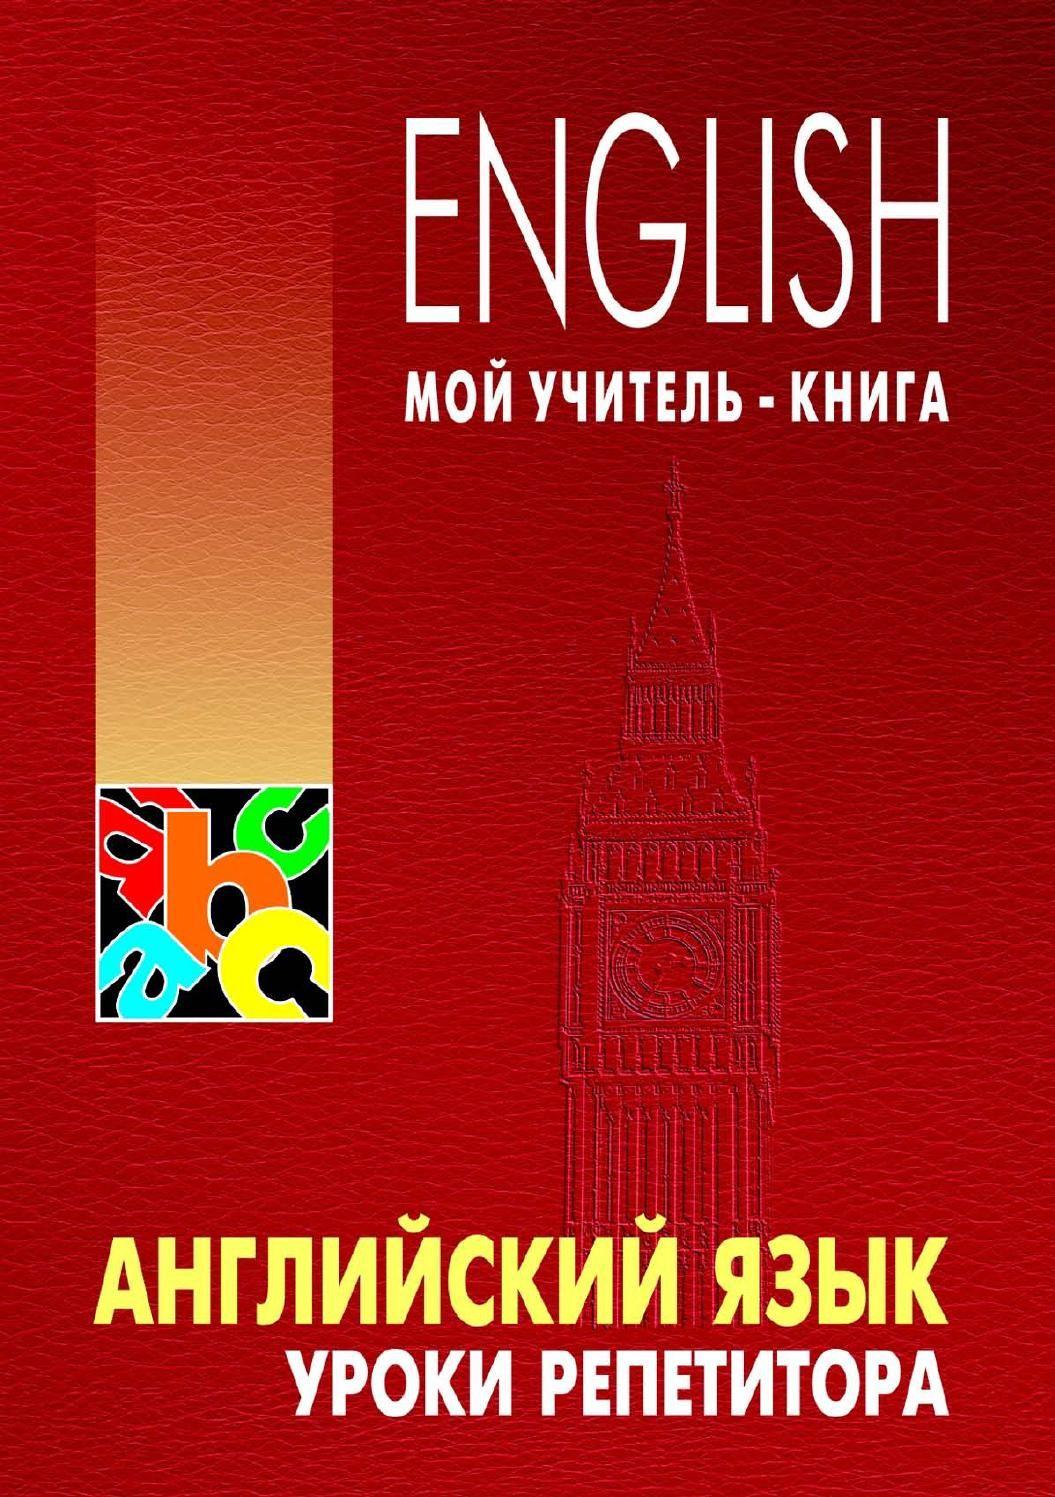 Книги уроки английского языка скачать бесплатно